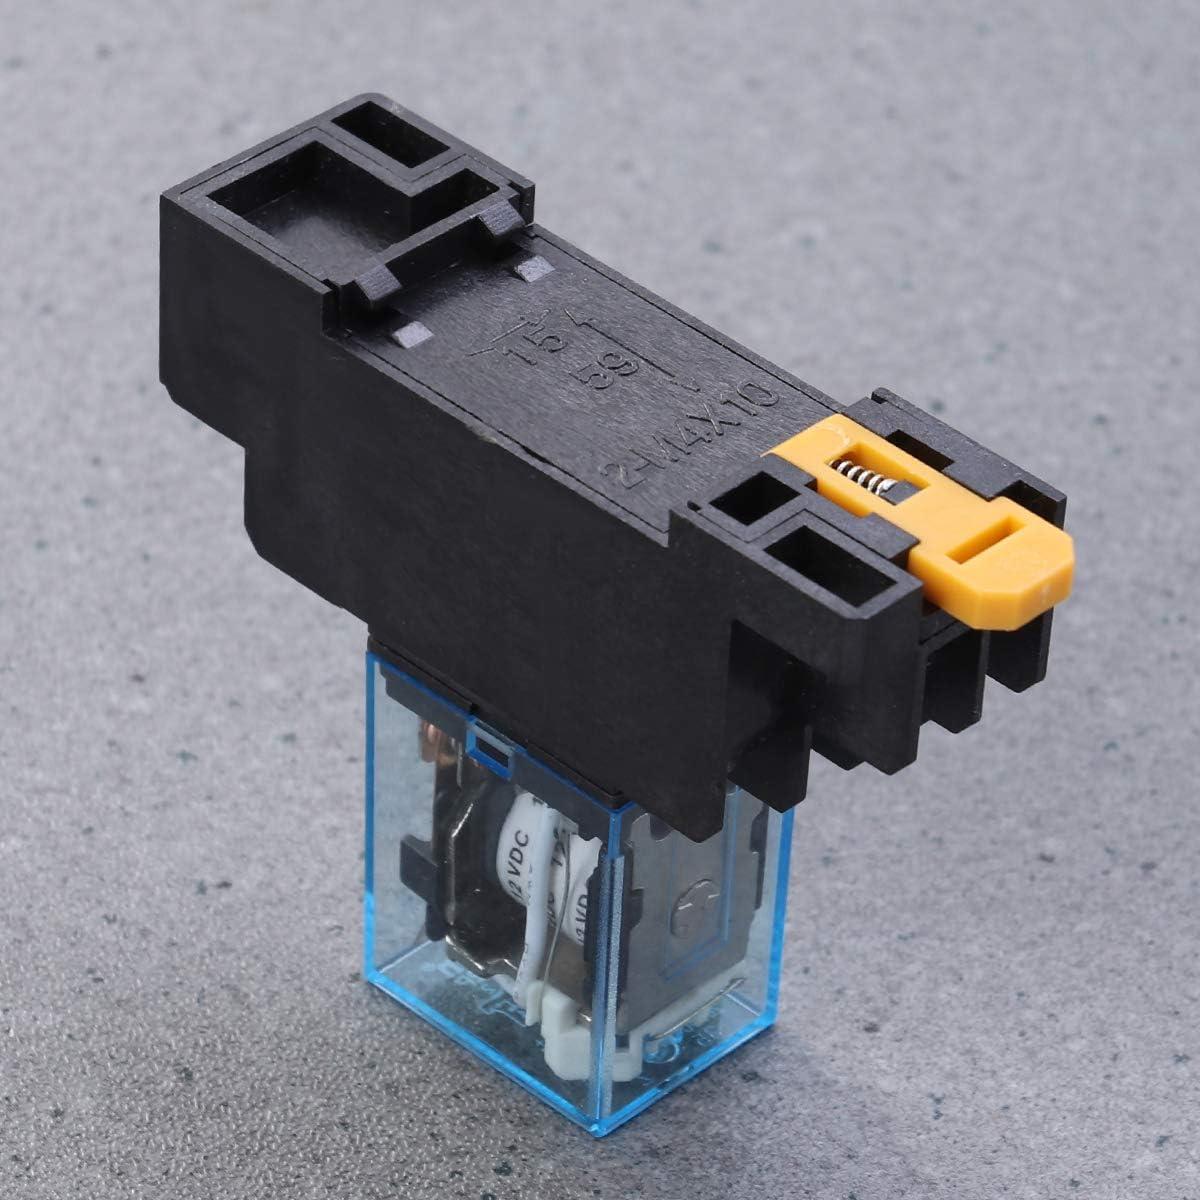 Hemobllo Kleines Hilfsrelais-Kit DC 12V passt sich automatisch der Basis f/ür den professionellen Gebrauch an 8-polig